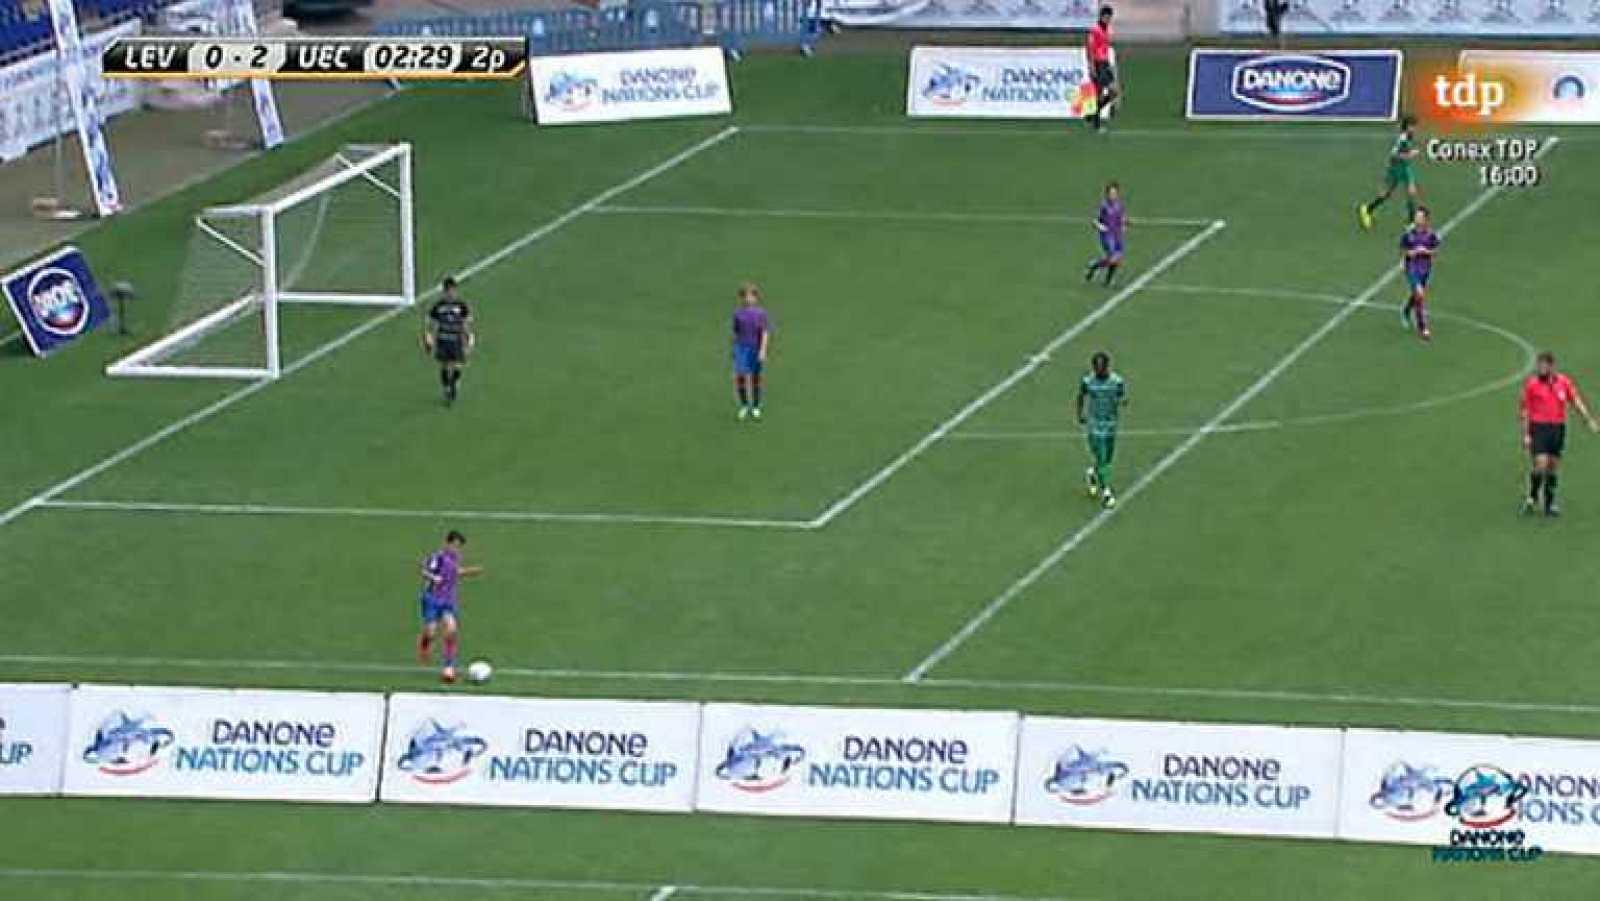 Para todos los públicos Fútbol alevines - Danone Nations Cup  Final - Ver  ahora reproducir video 8be67e01743bc